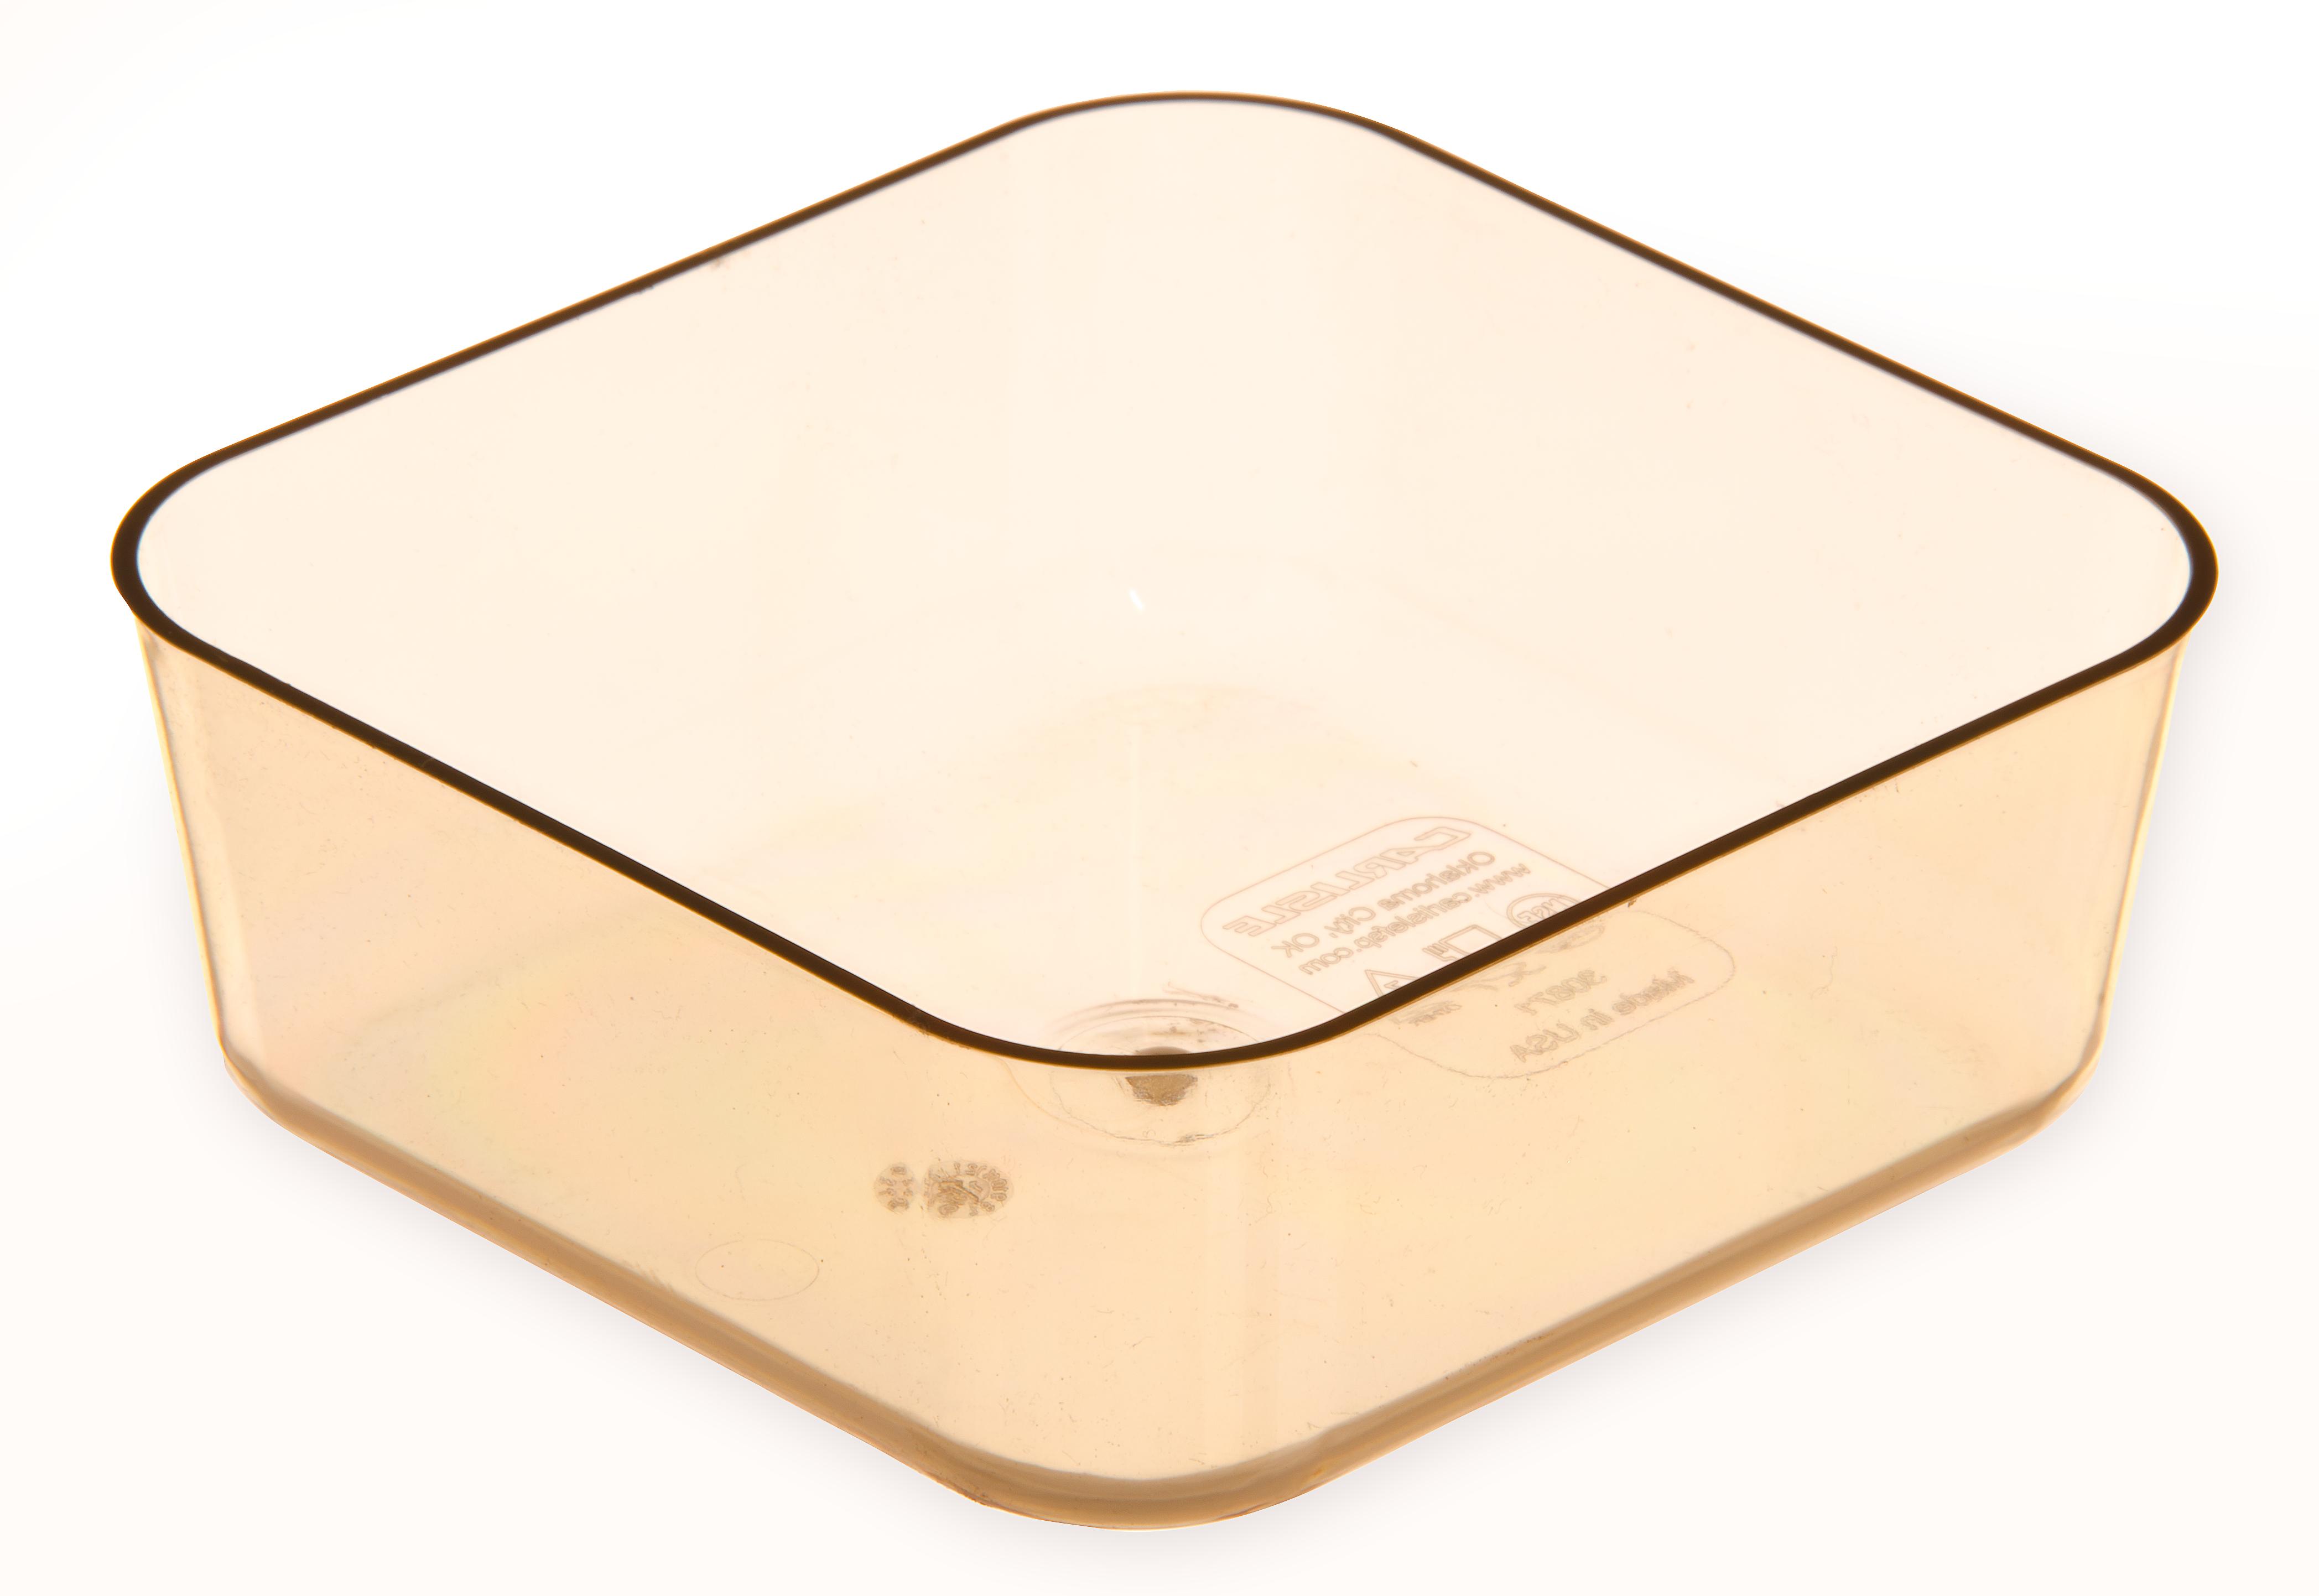 StorPlus Divider Food Pan HH 2.5 DP 1/6 Size - Amber